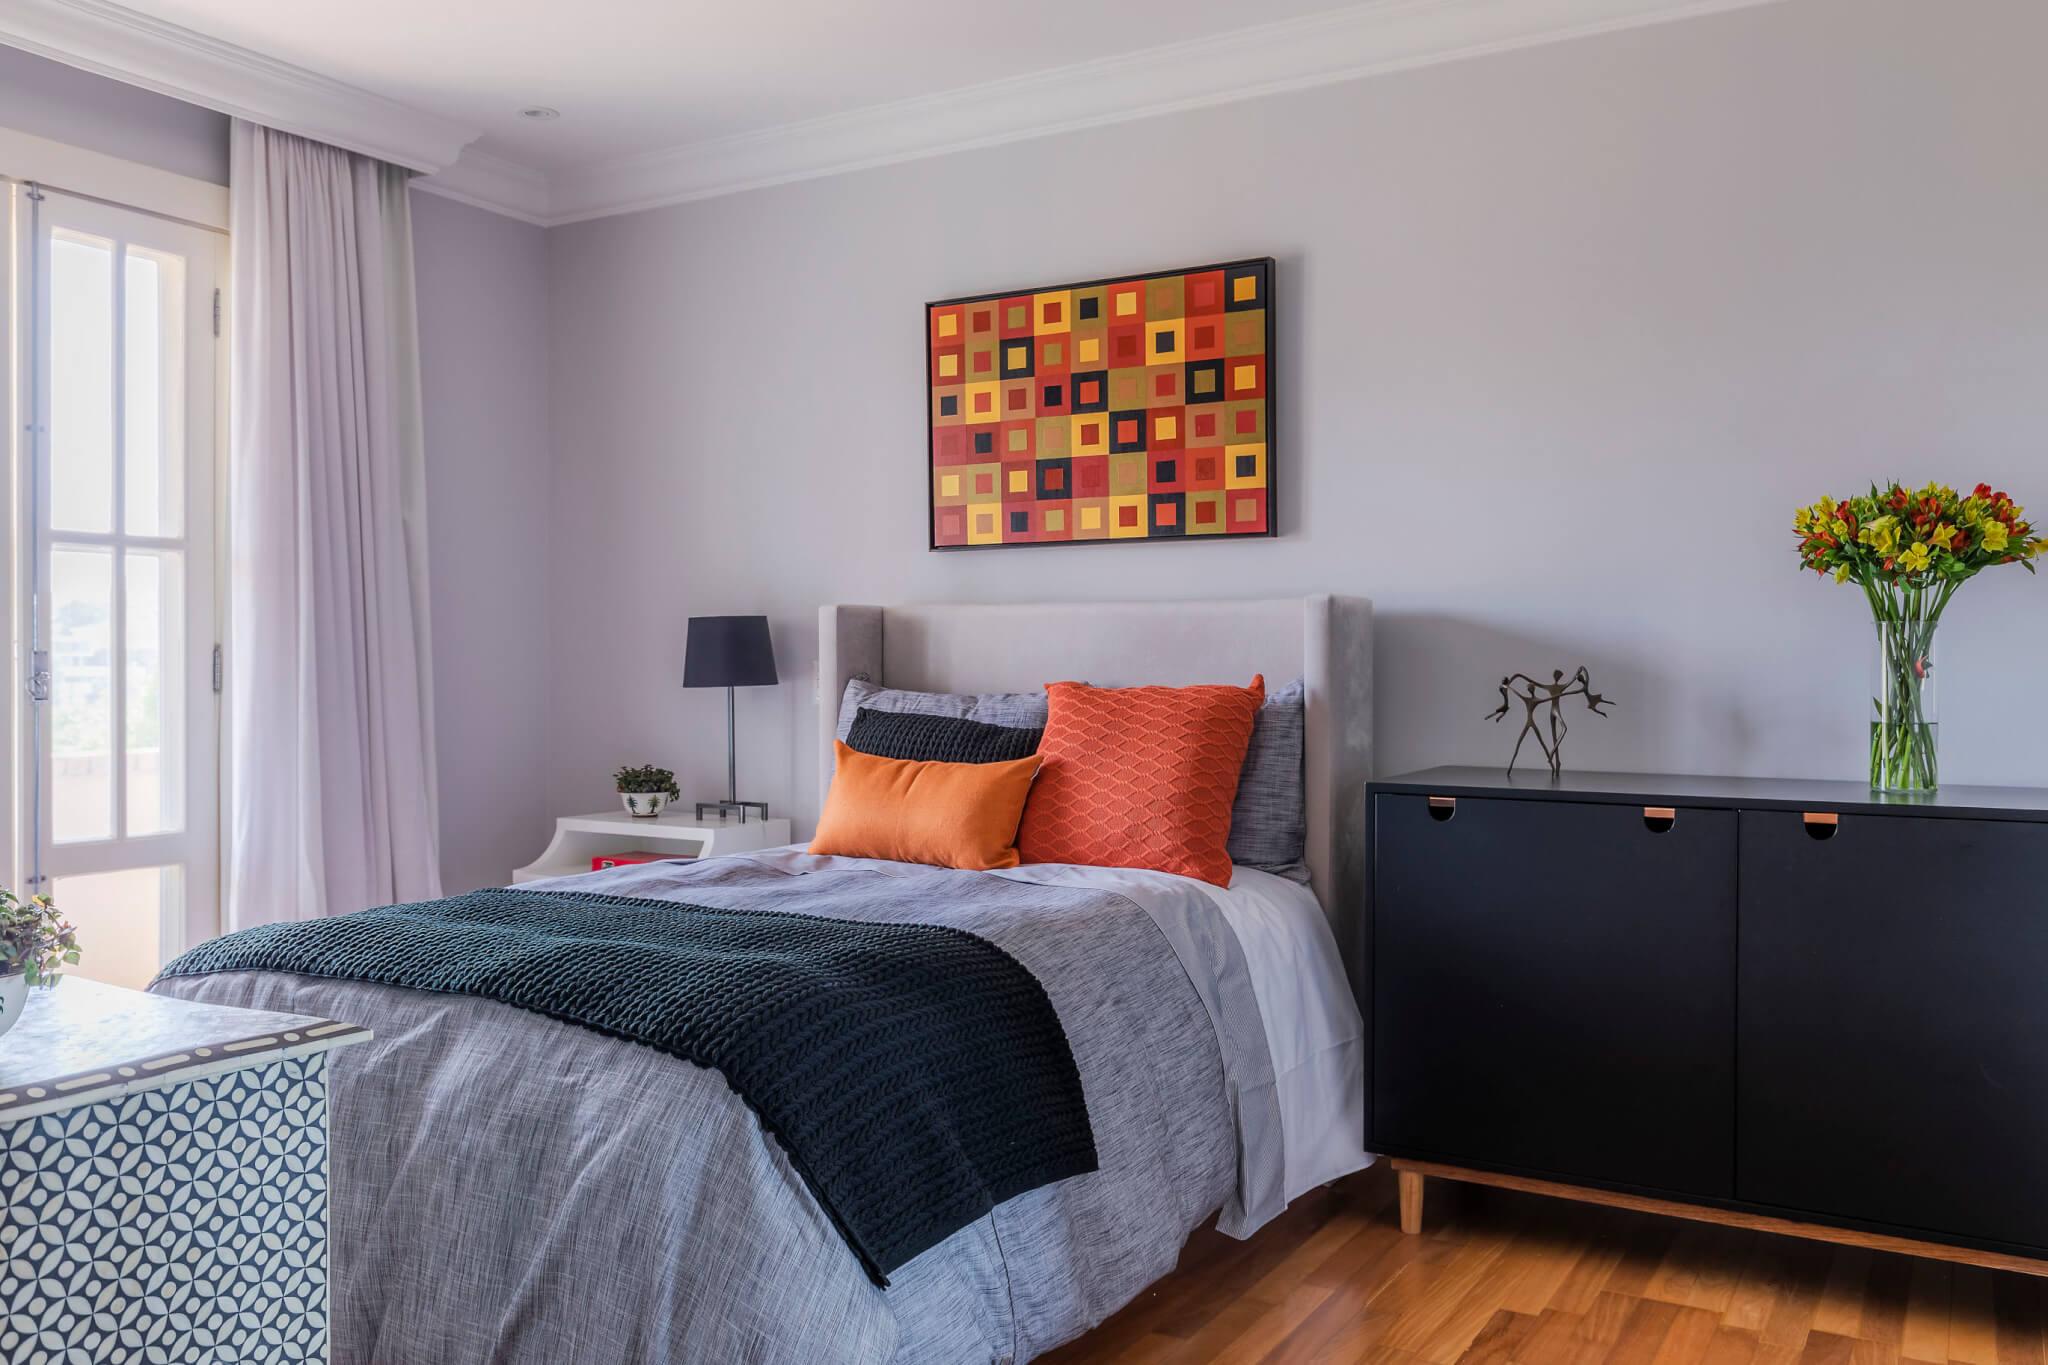 quarto de uma jovem com base neutra em tons de cinza e almofadas e quadros em laranja e amarelo 1